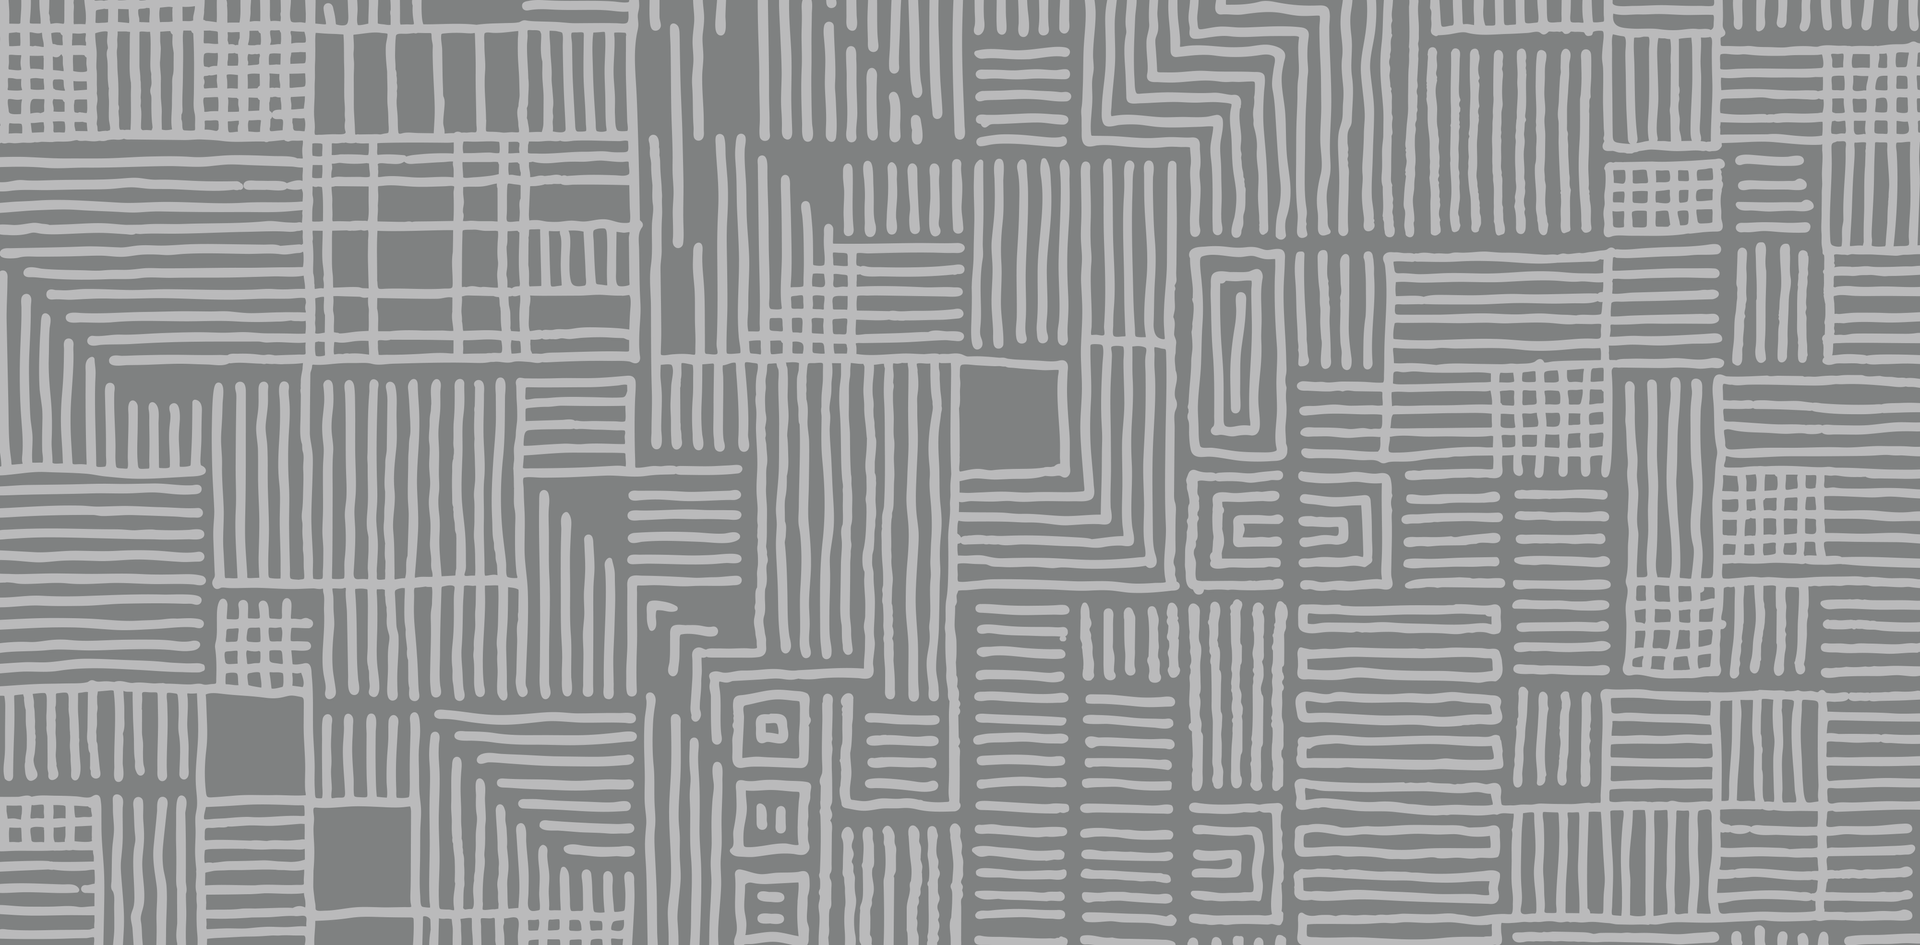 Macintosh - Tin